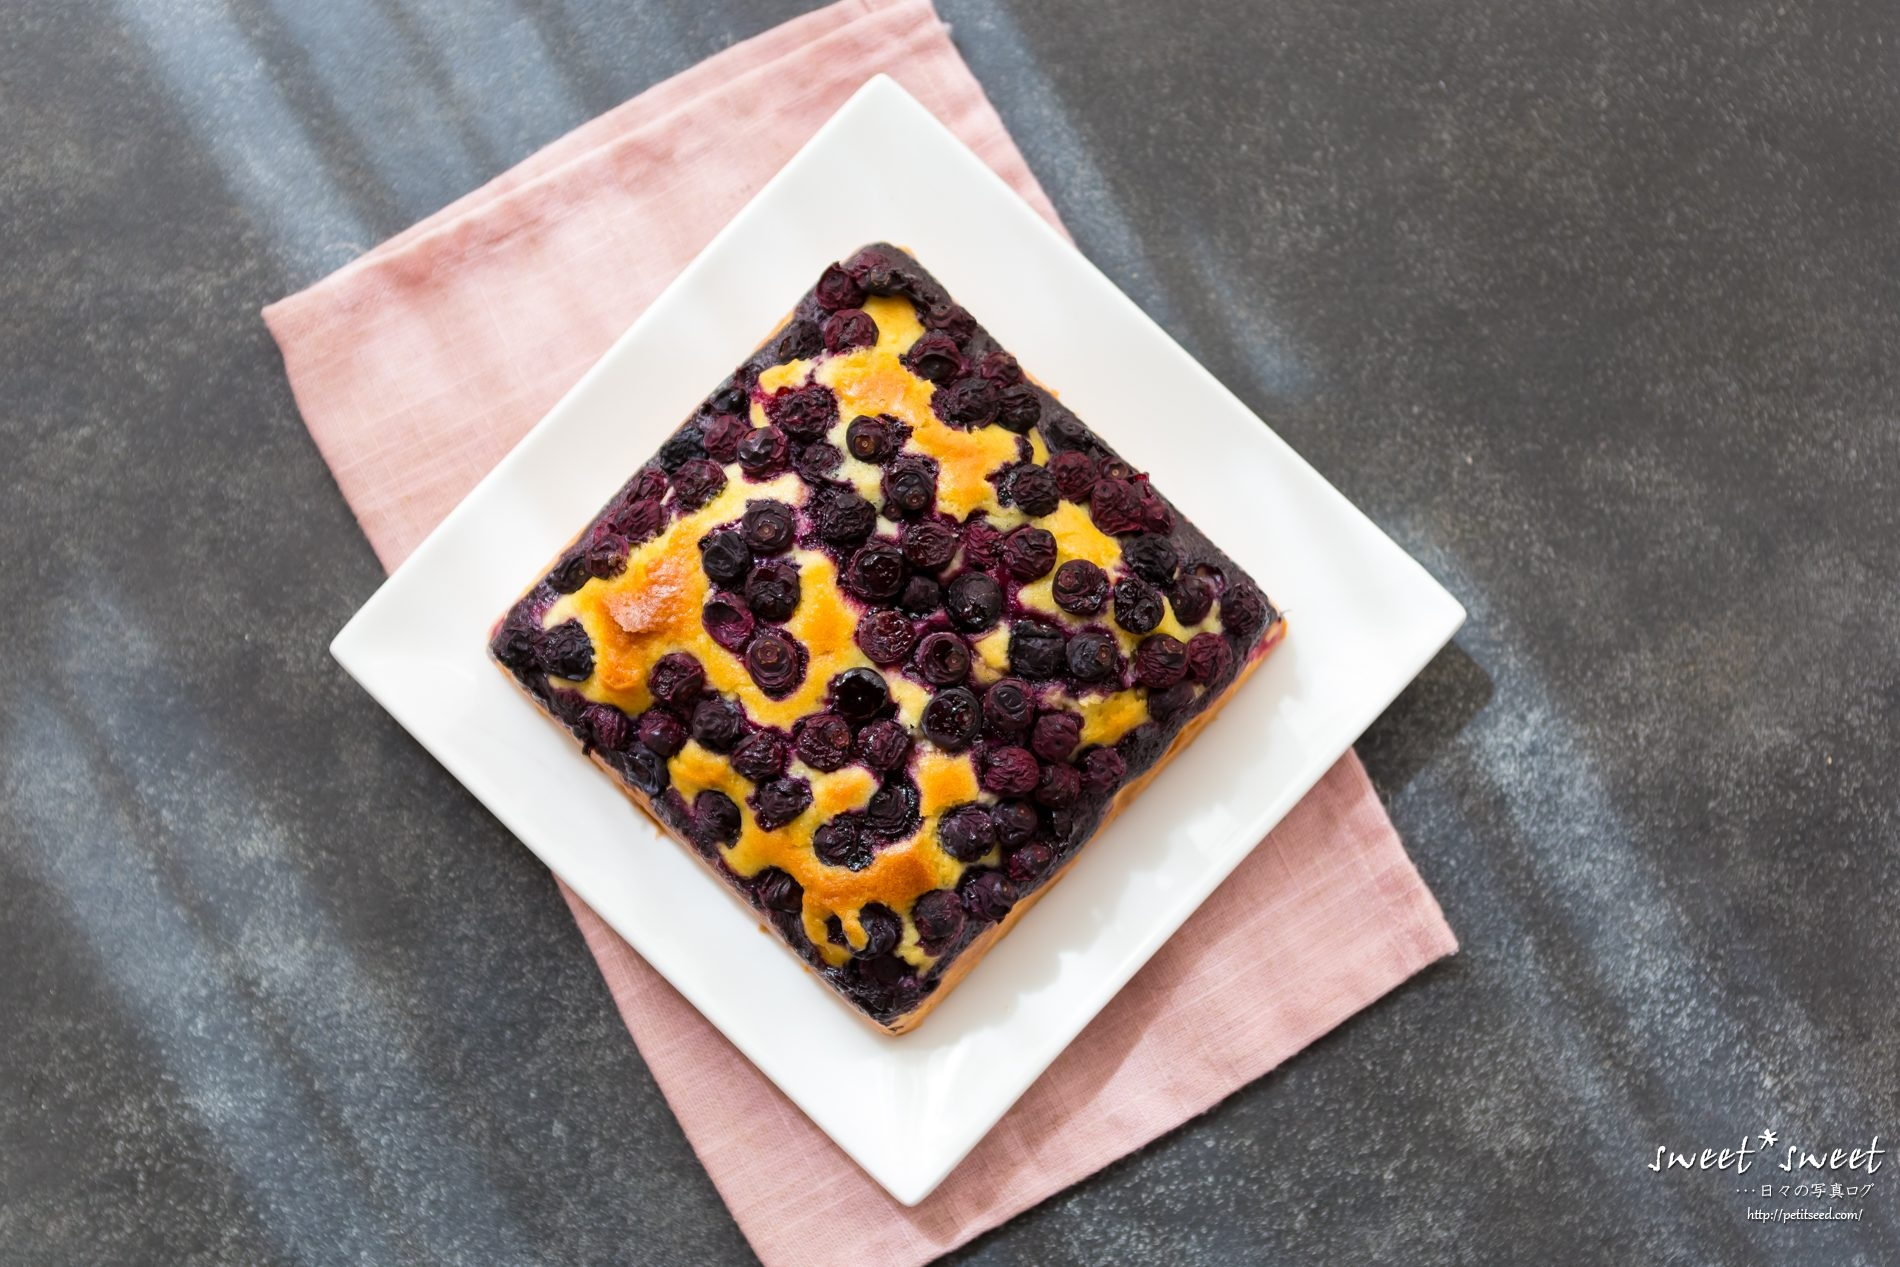 ブルーベリーのケーキ - レシピは若山曜子さん